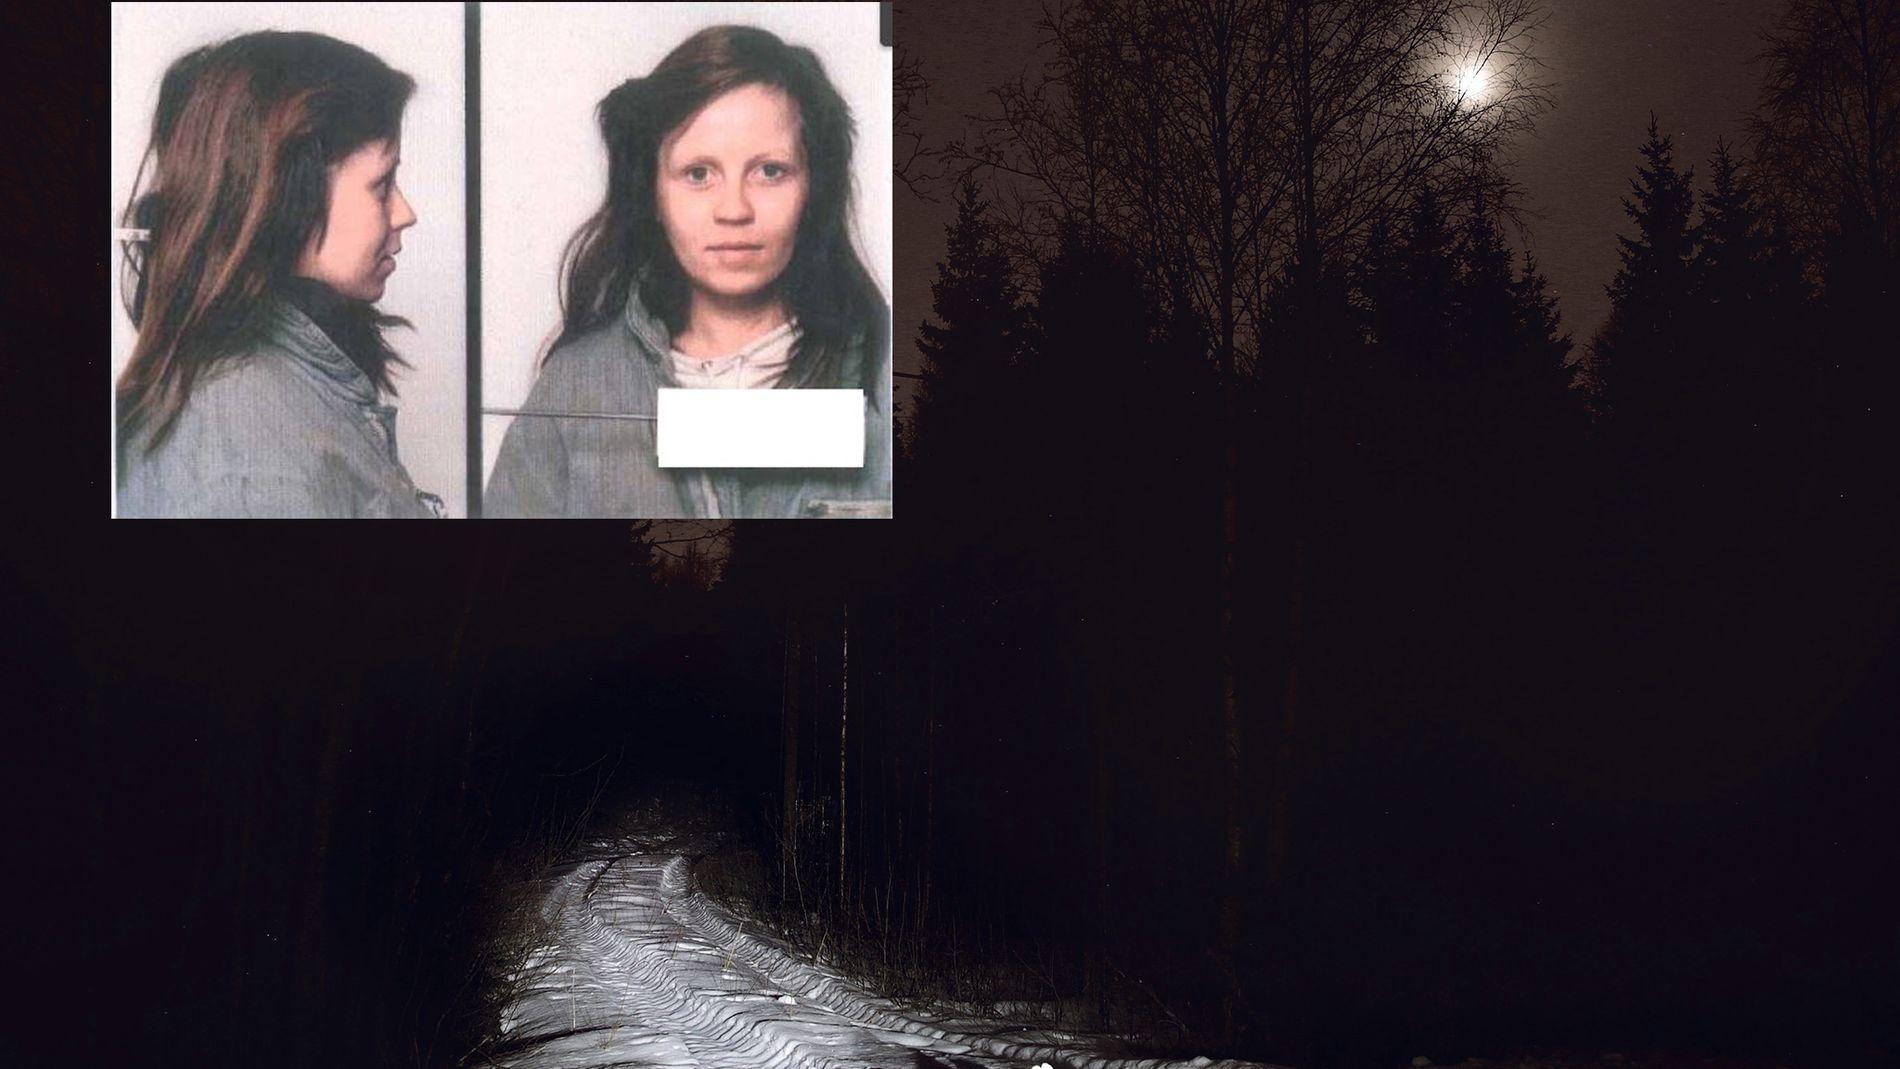 cef13d22f Politiet ber om publikums hjelp: Er «Anka» død - eller lever hun?